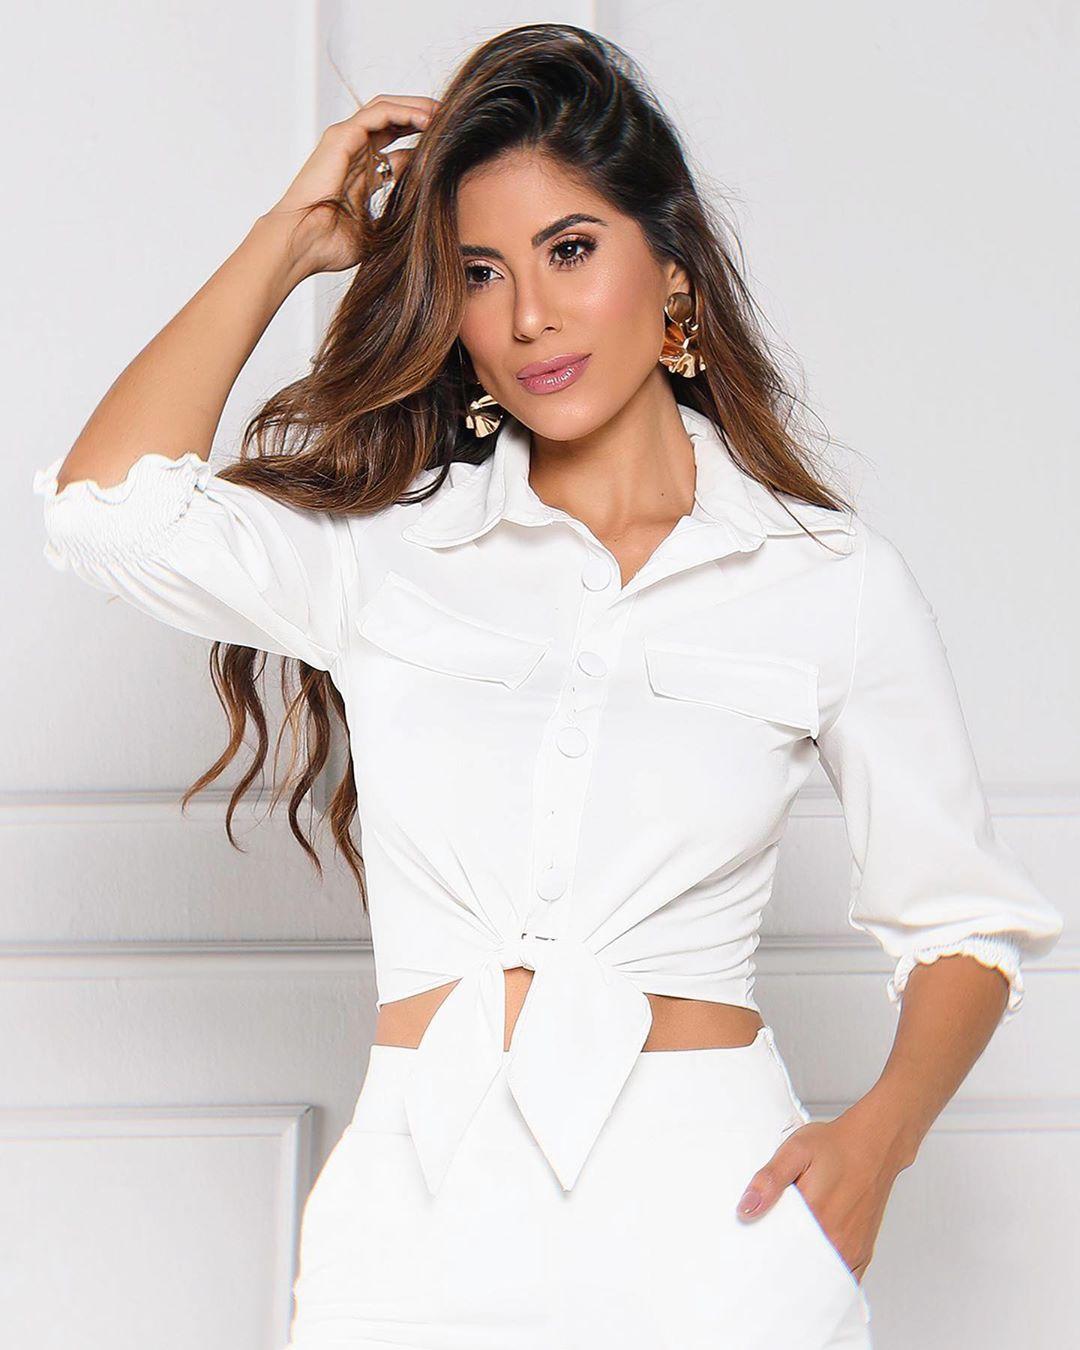 deise benicio, miss supranational brazil 2020/top 10 de miss international 2014. - Página 7 93430710